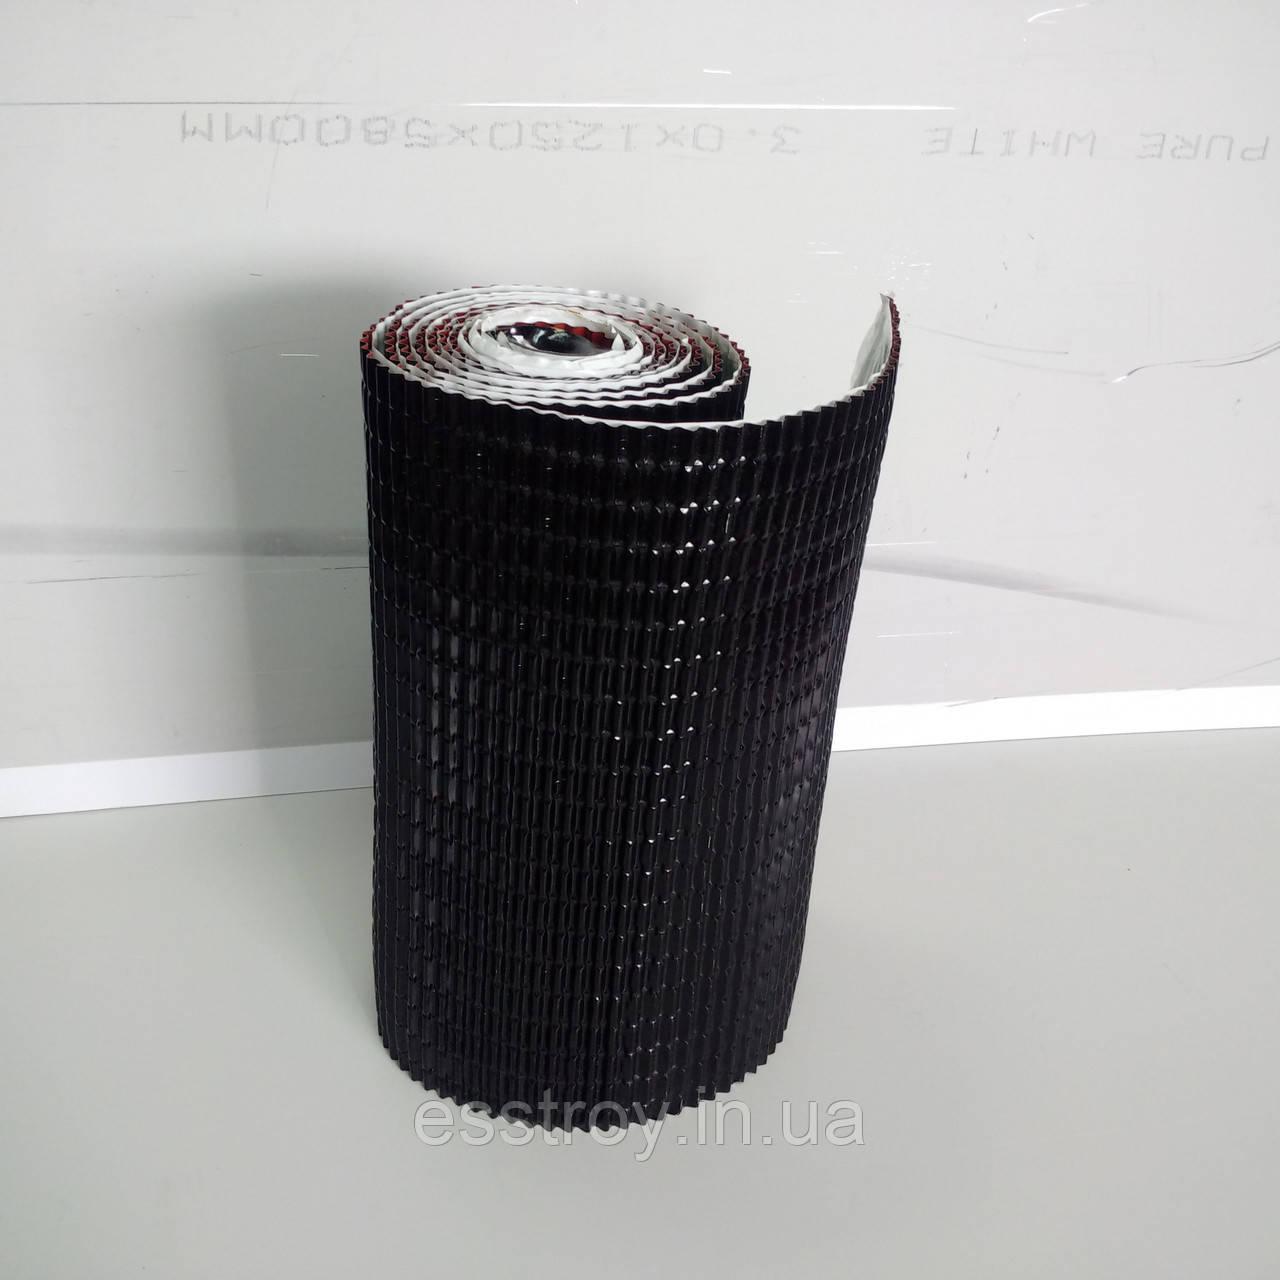 Герметизирующая бутилкаучуковая лента ВИКАР С ЛТ (фап)